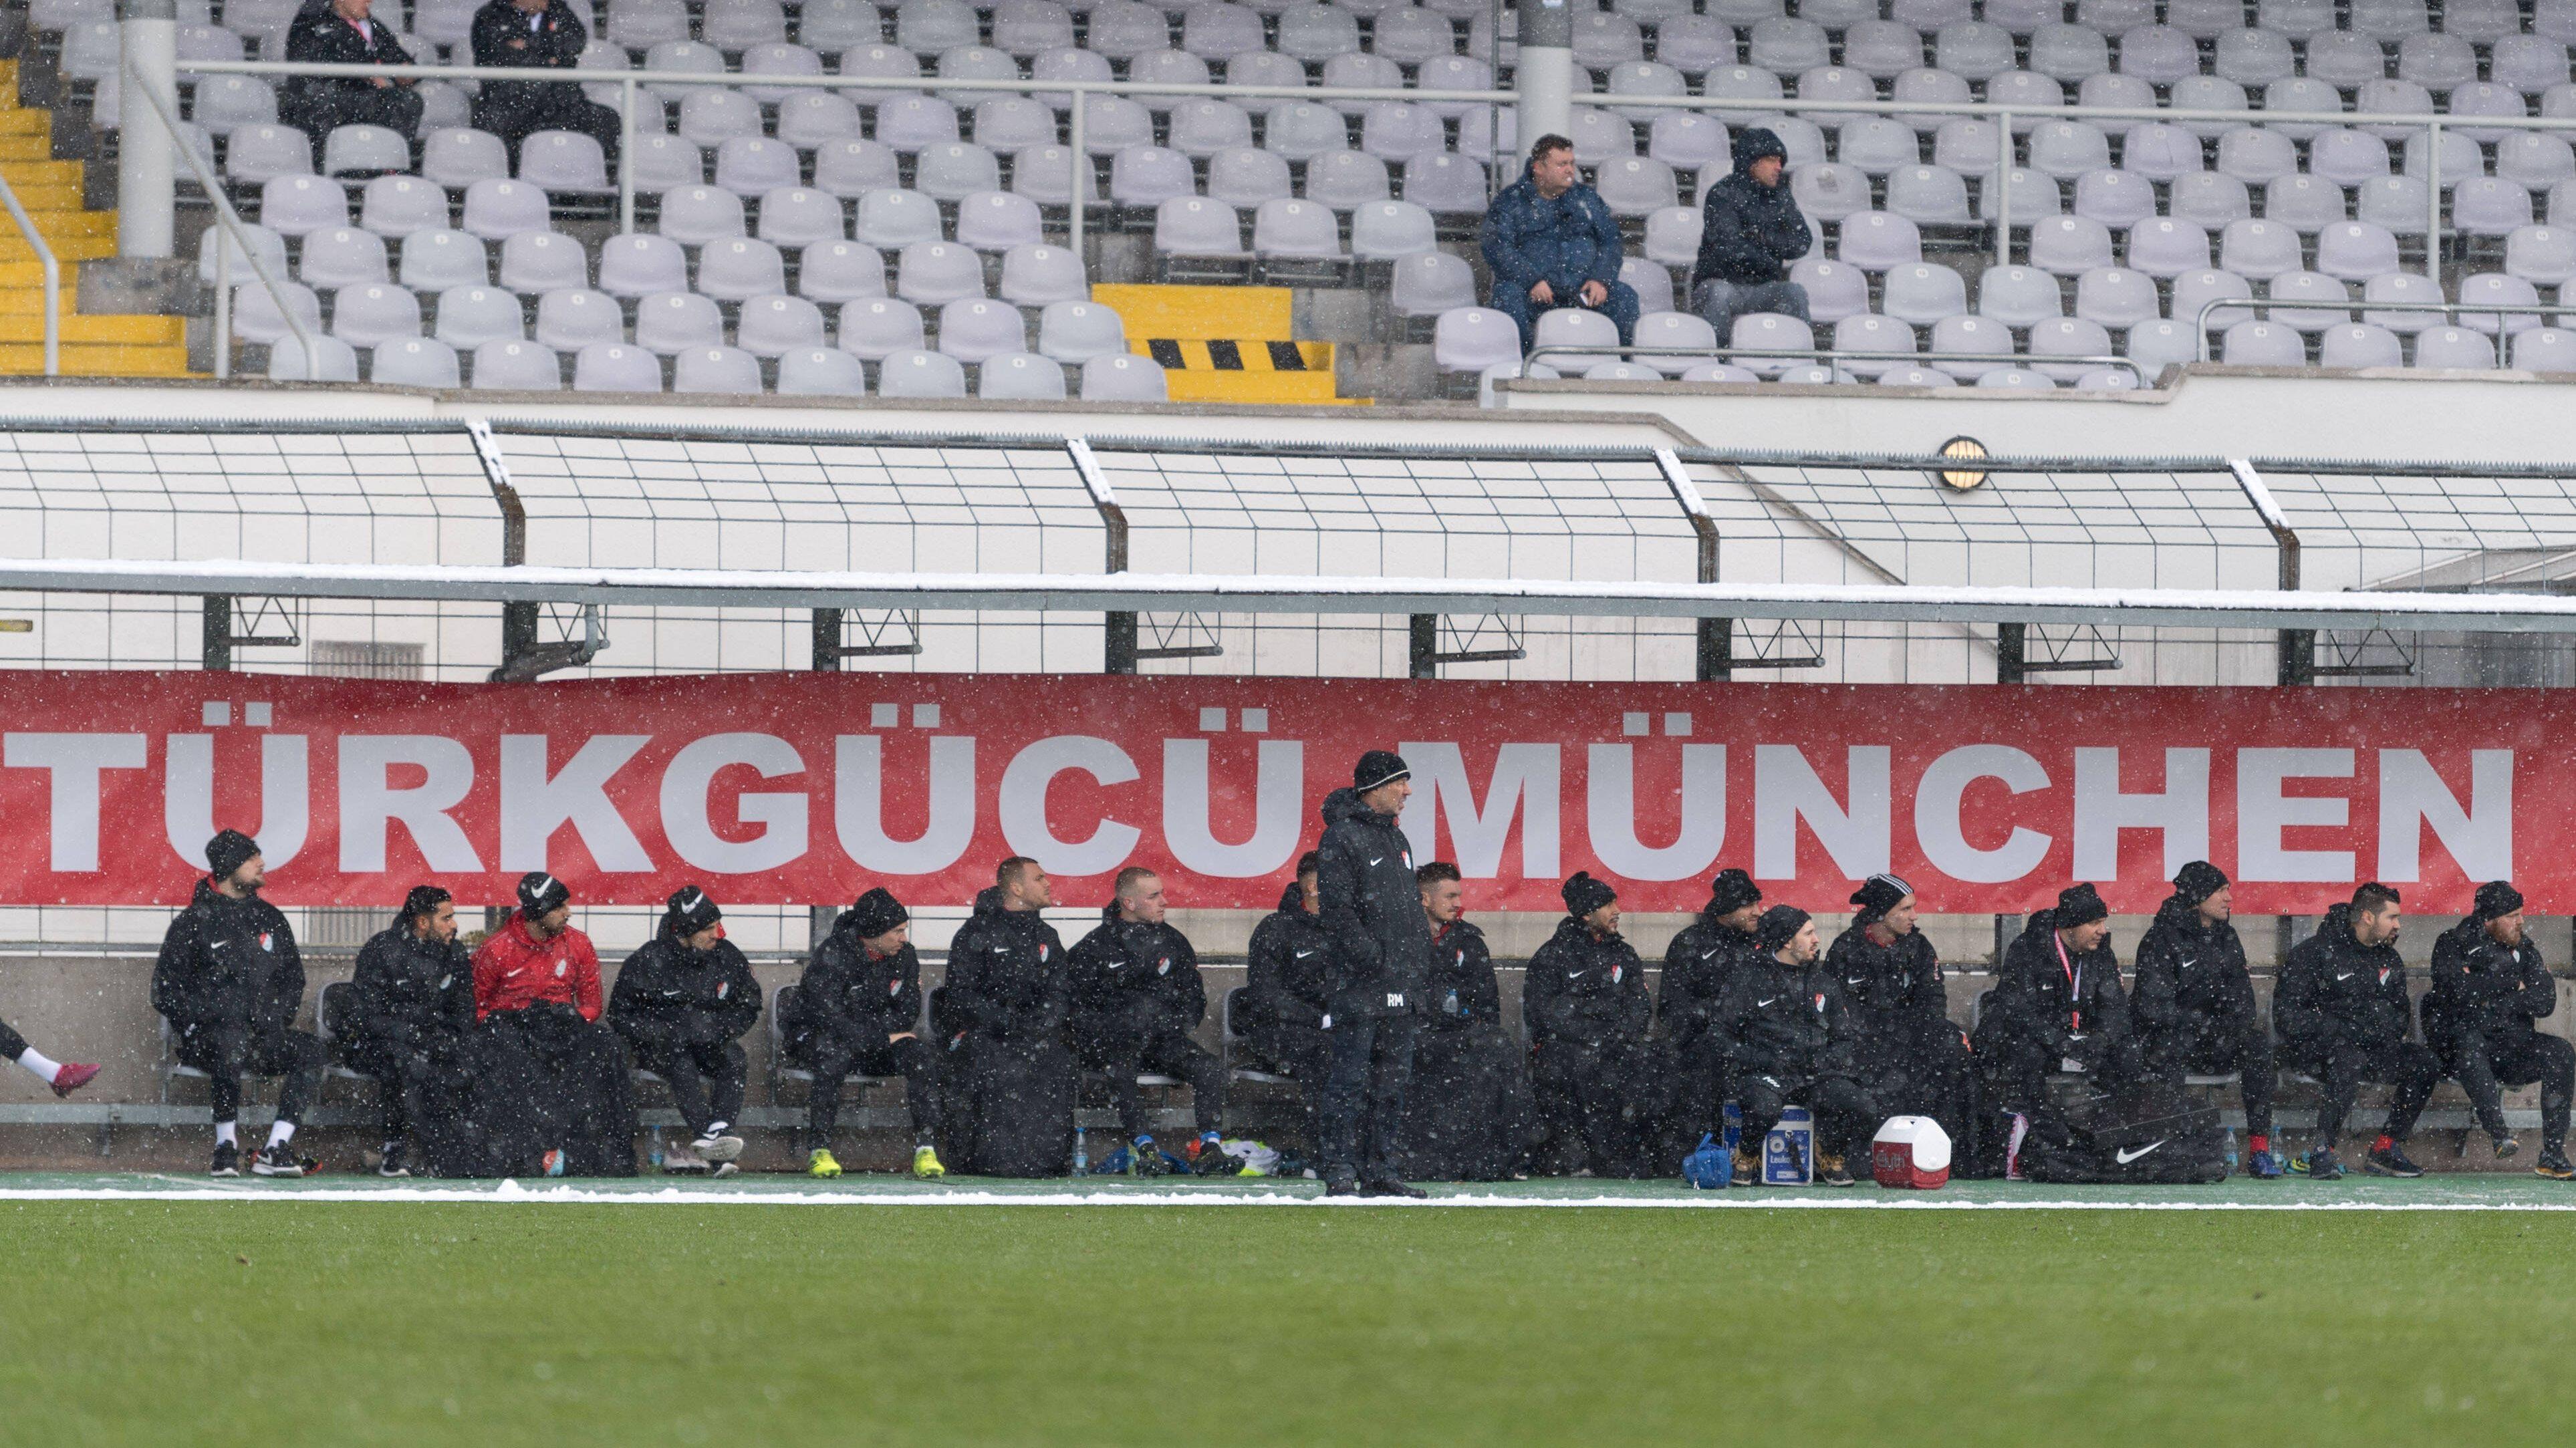 Türkgücü-Bank bei einem Spiel im Grünwalder Stadion